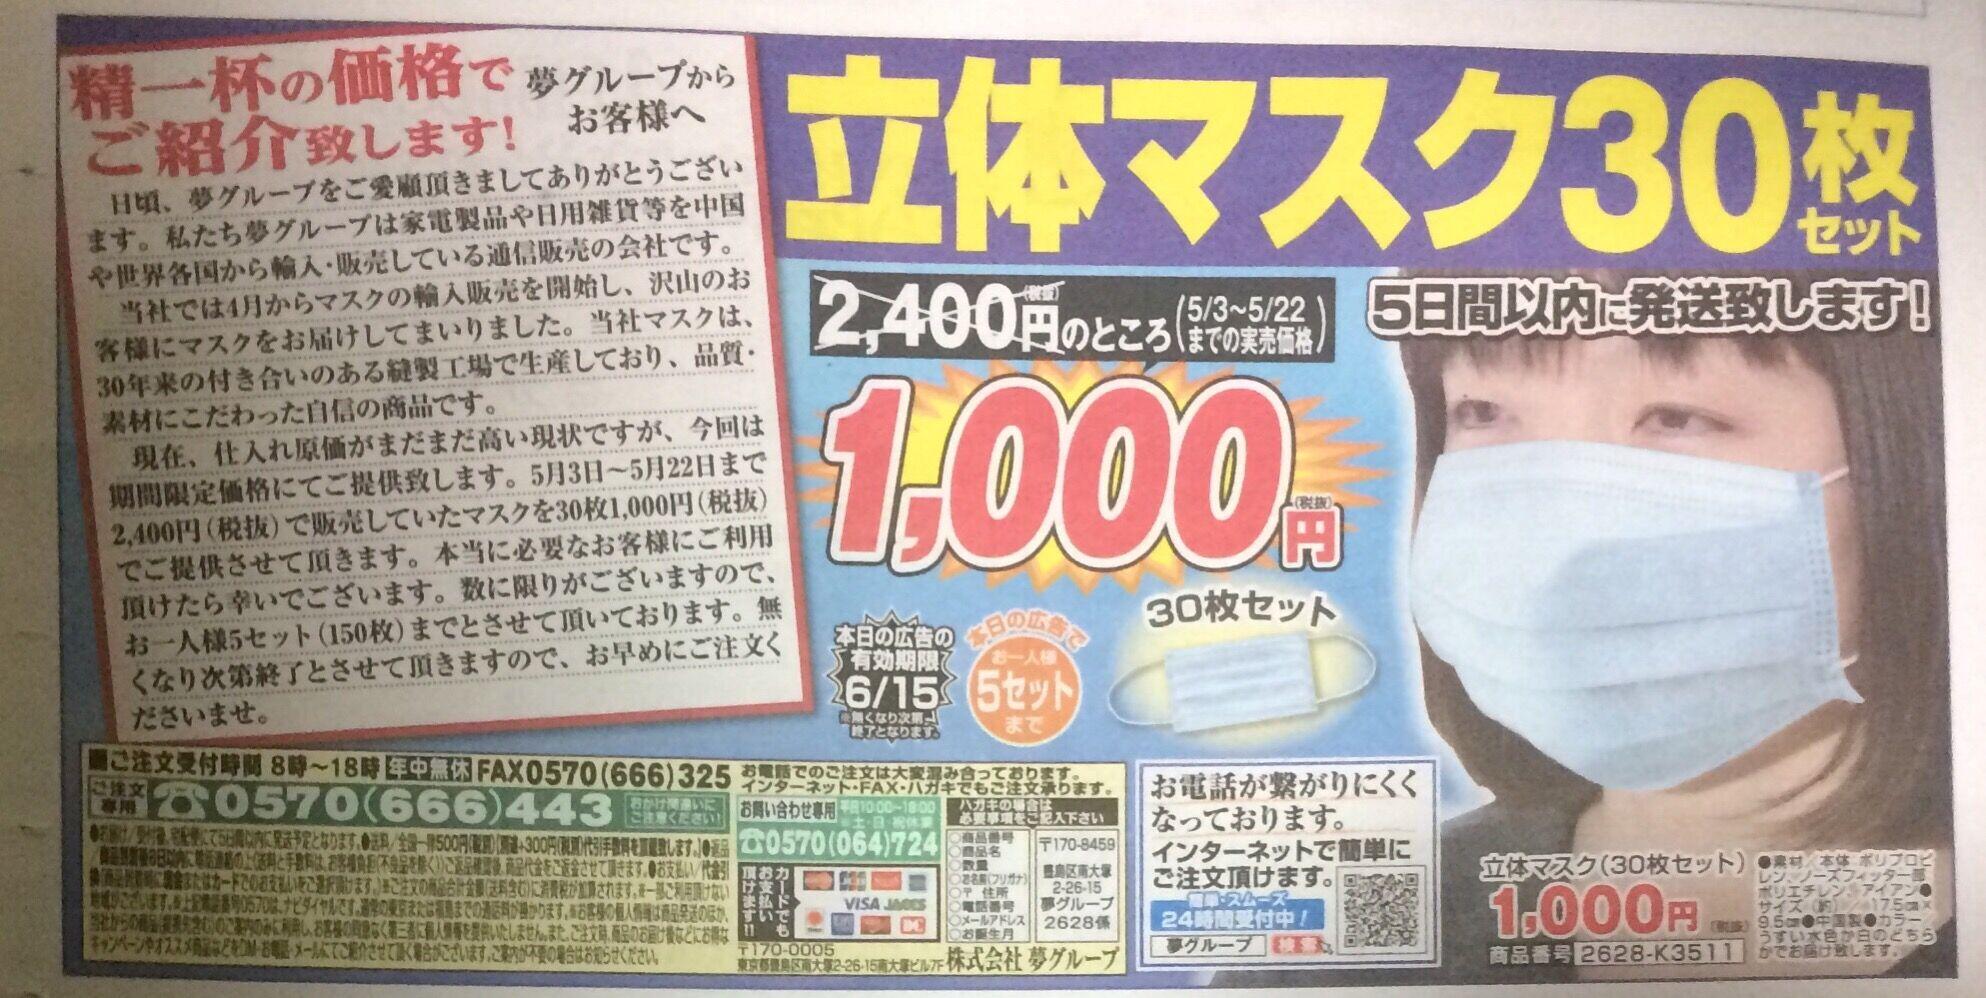 【朗報】夢グループのマスク投げ売りワロタwwwwwwwwwwww